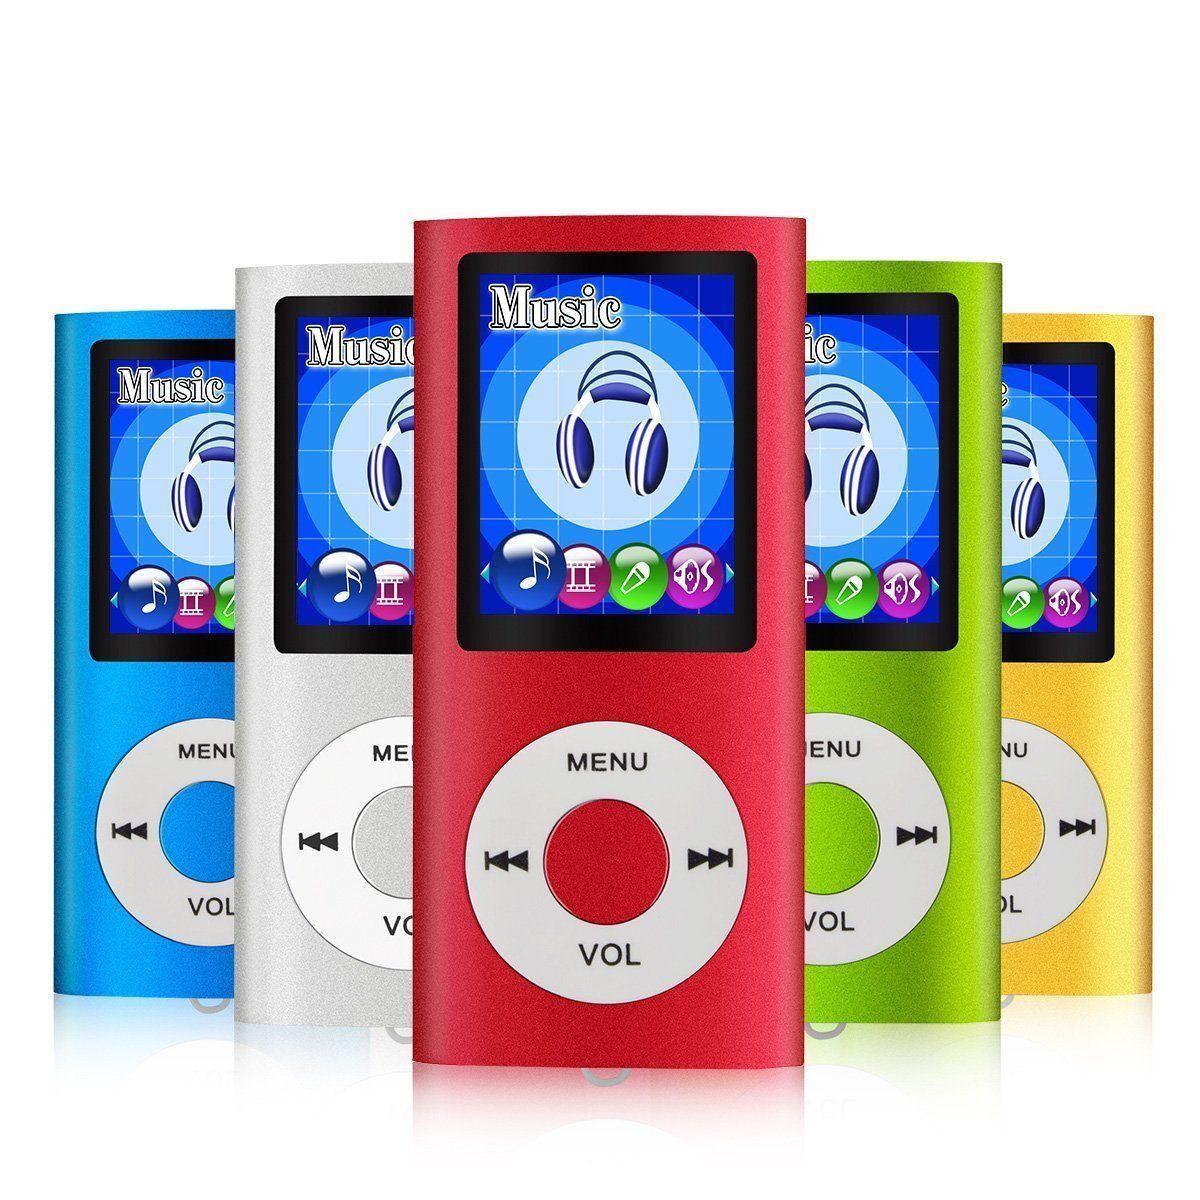 LETTORE PLAYER MP4 MP3 4GB 8GB 16GB 32GB VIDEO AUDIO FOTO RADIO FM nuovo 2018